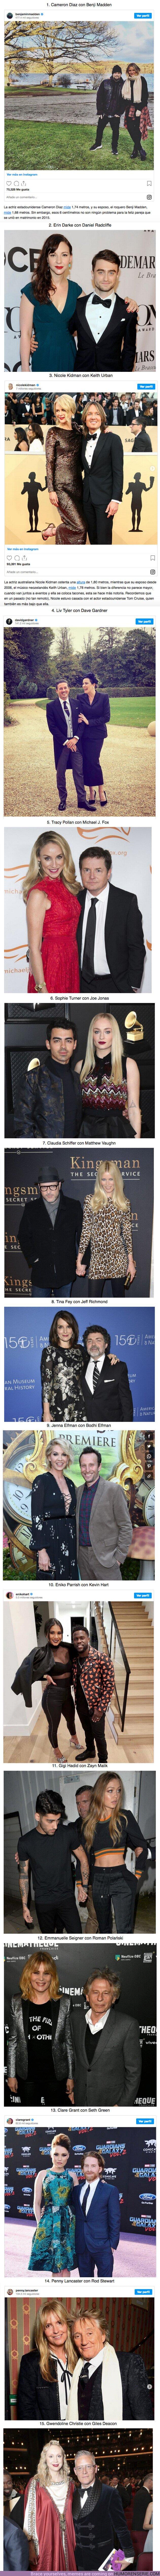 55381 - GALERÍA: 15 Parejas de famosos que no tienen prejuicios sobre que la mujer sea más alta que el hombre